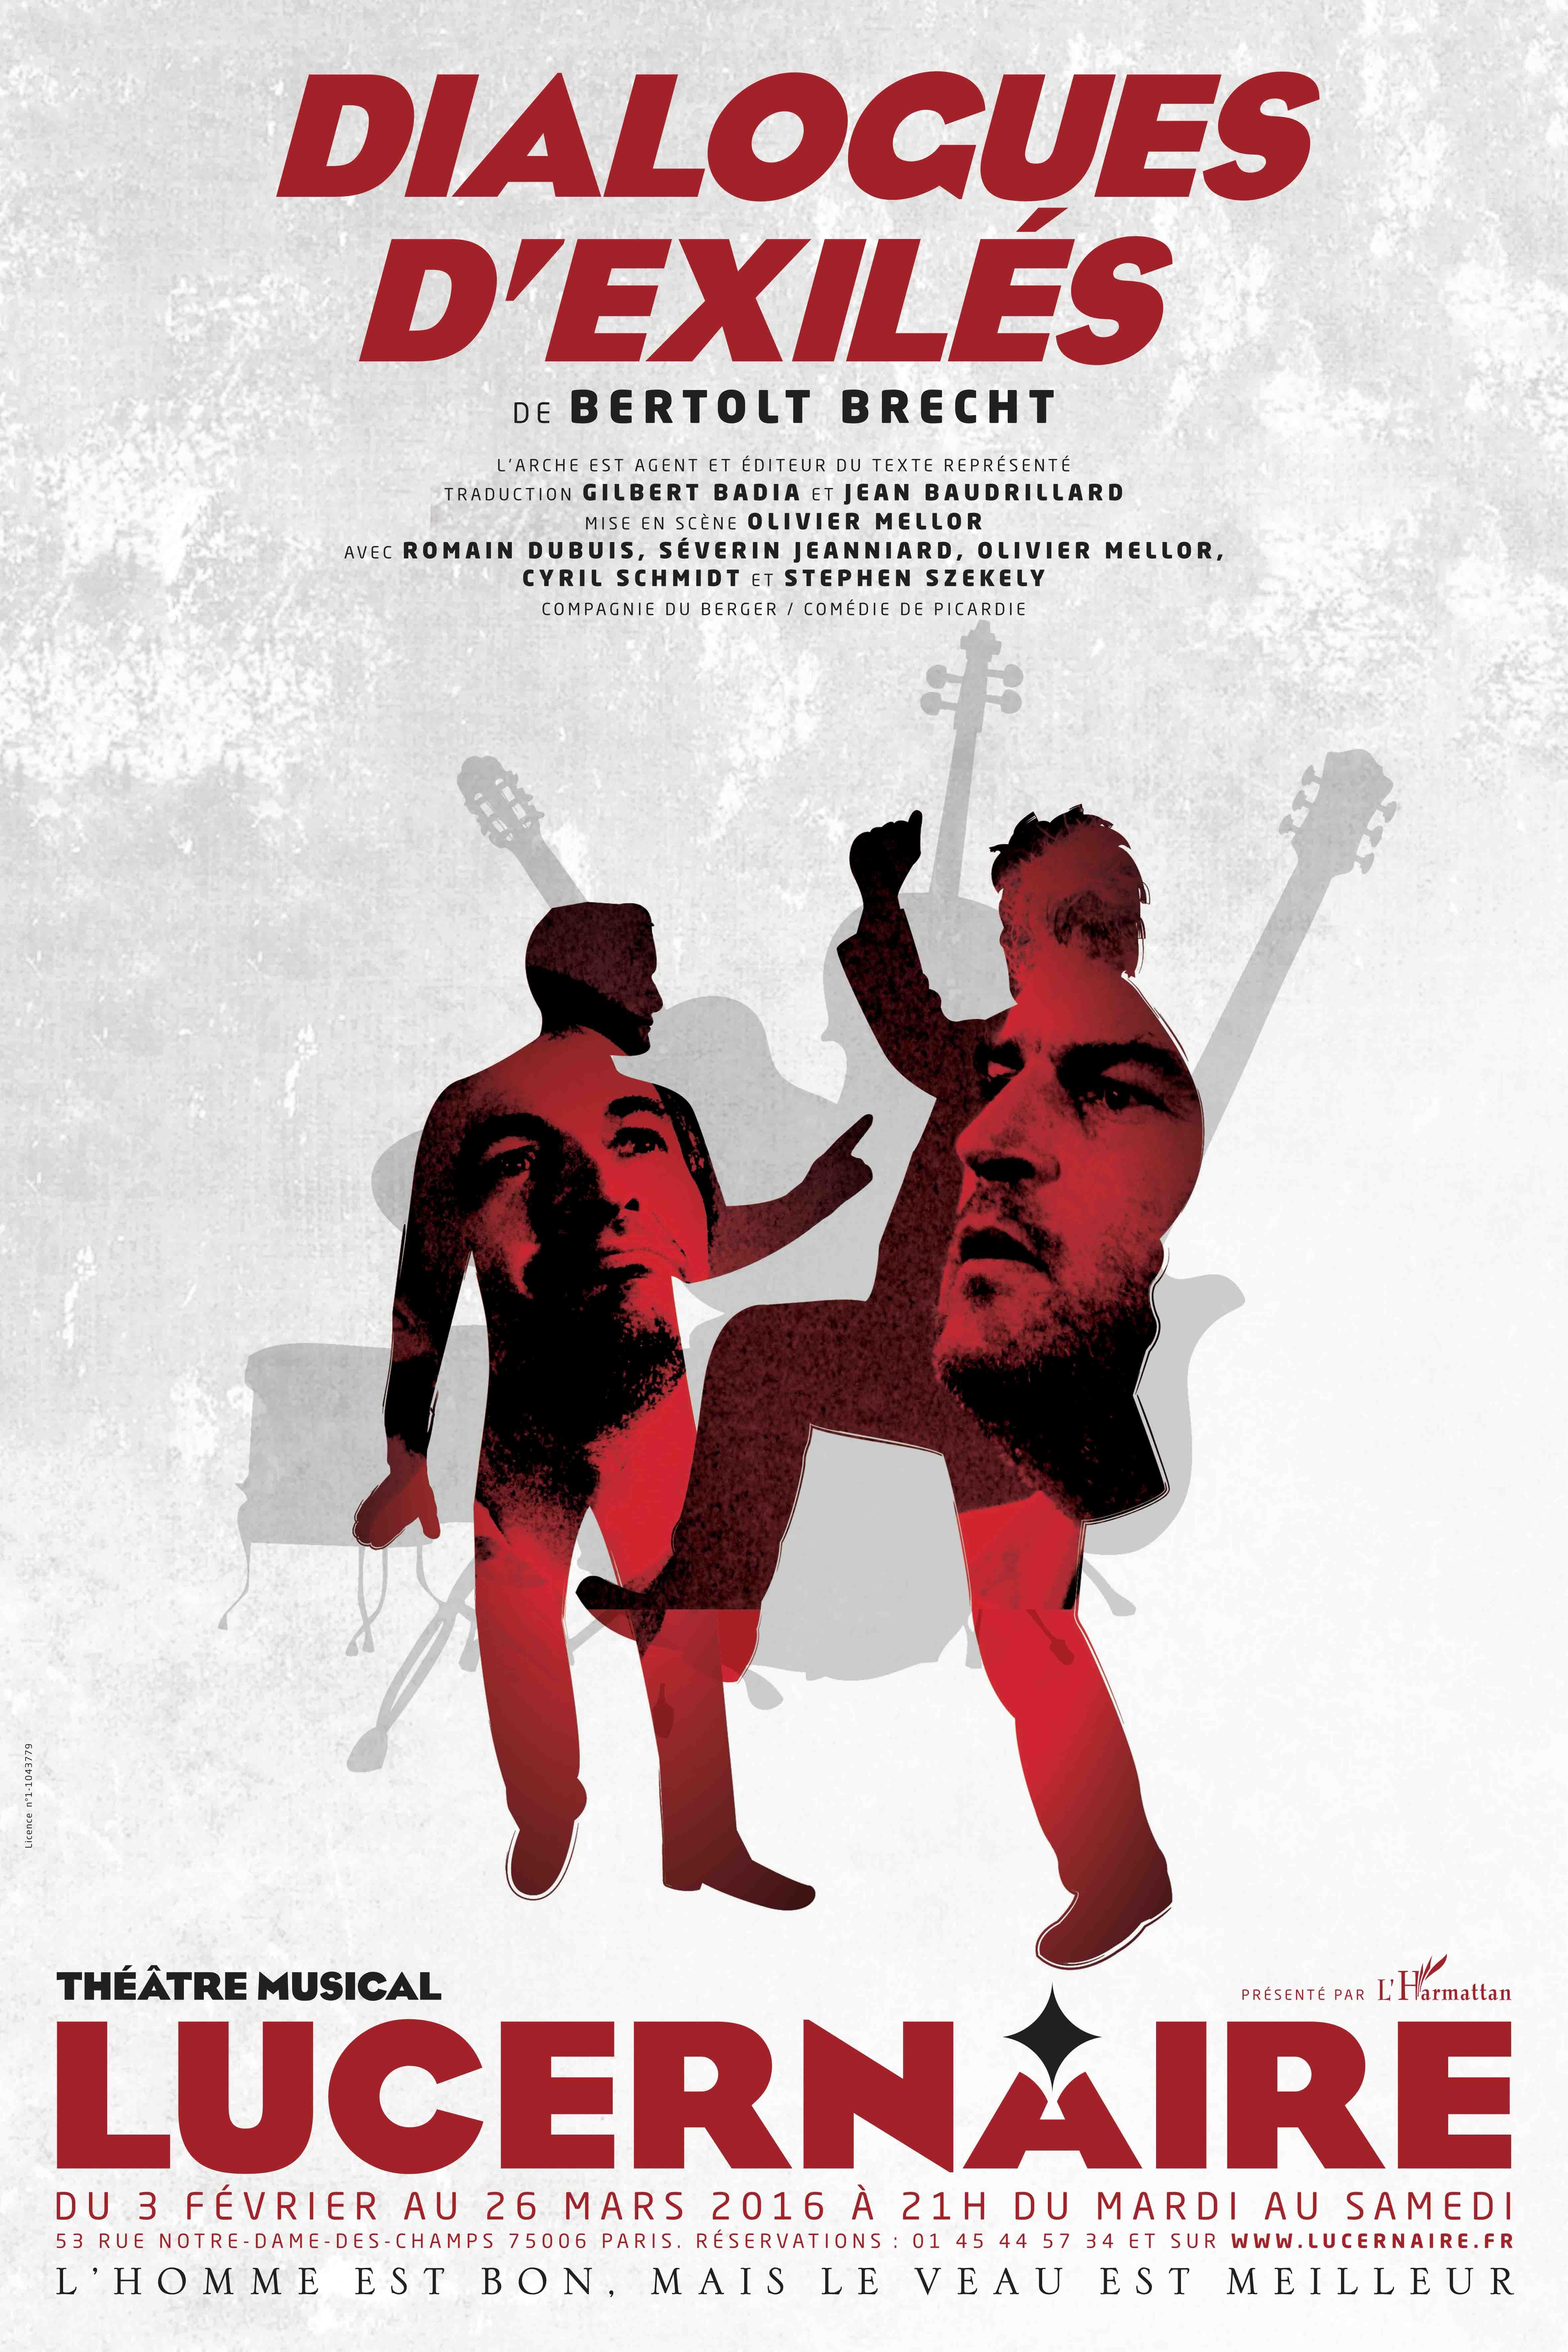 Dialogues d'exilés, de Bertolt Brecht